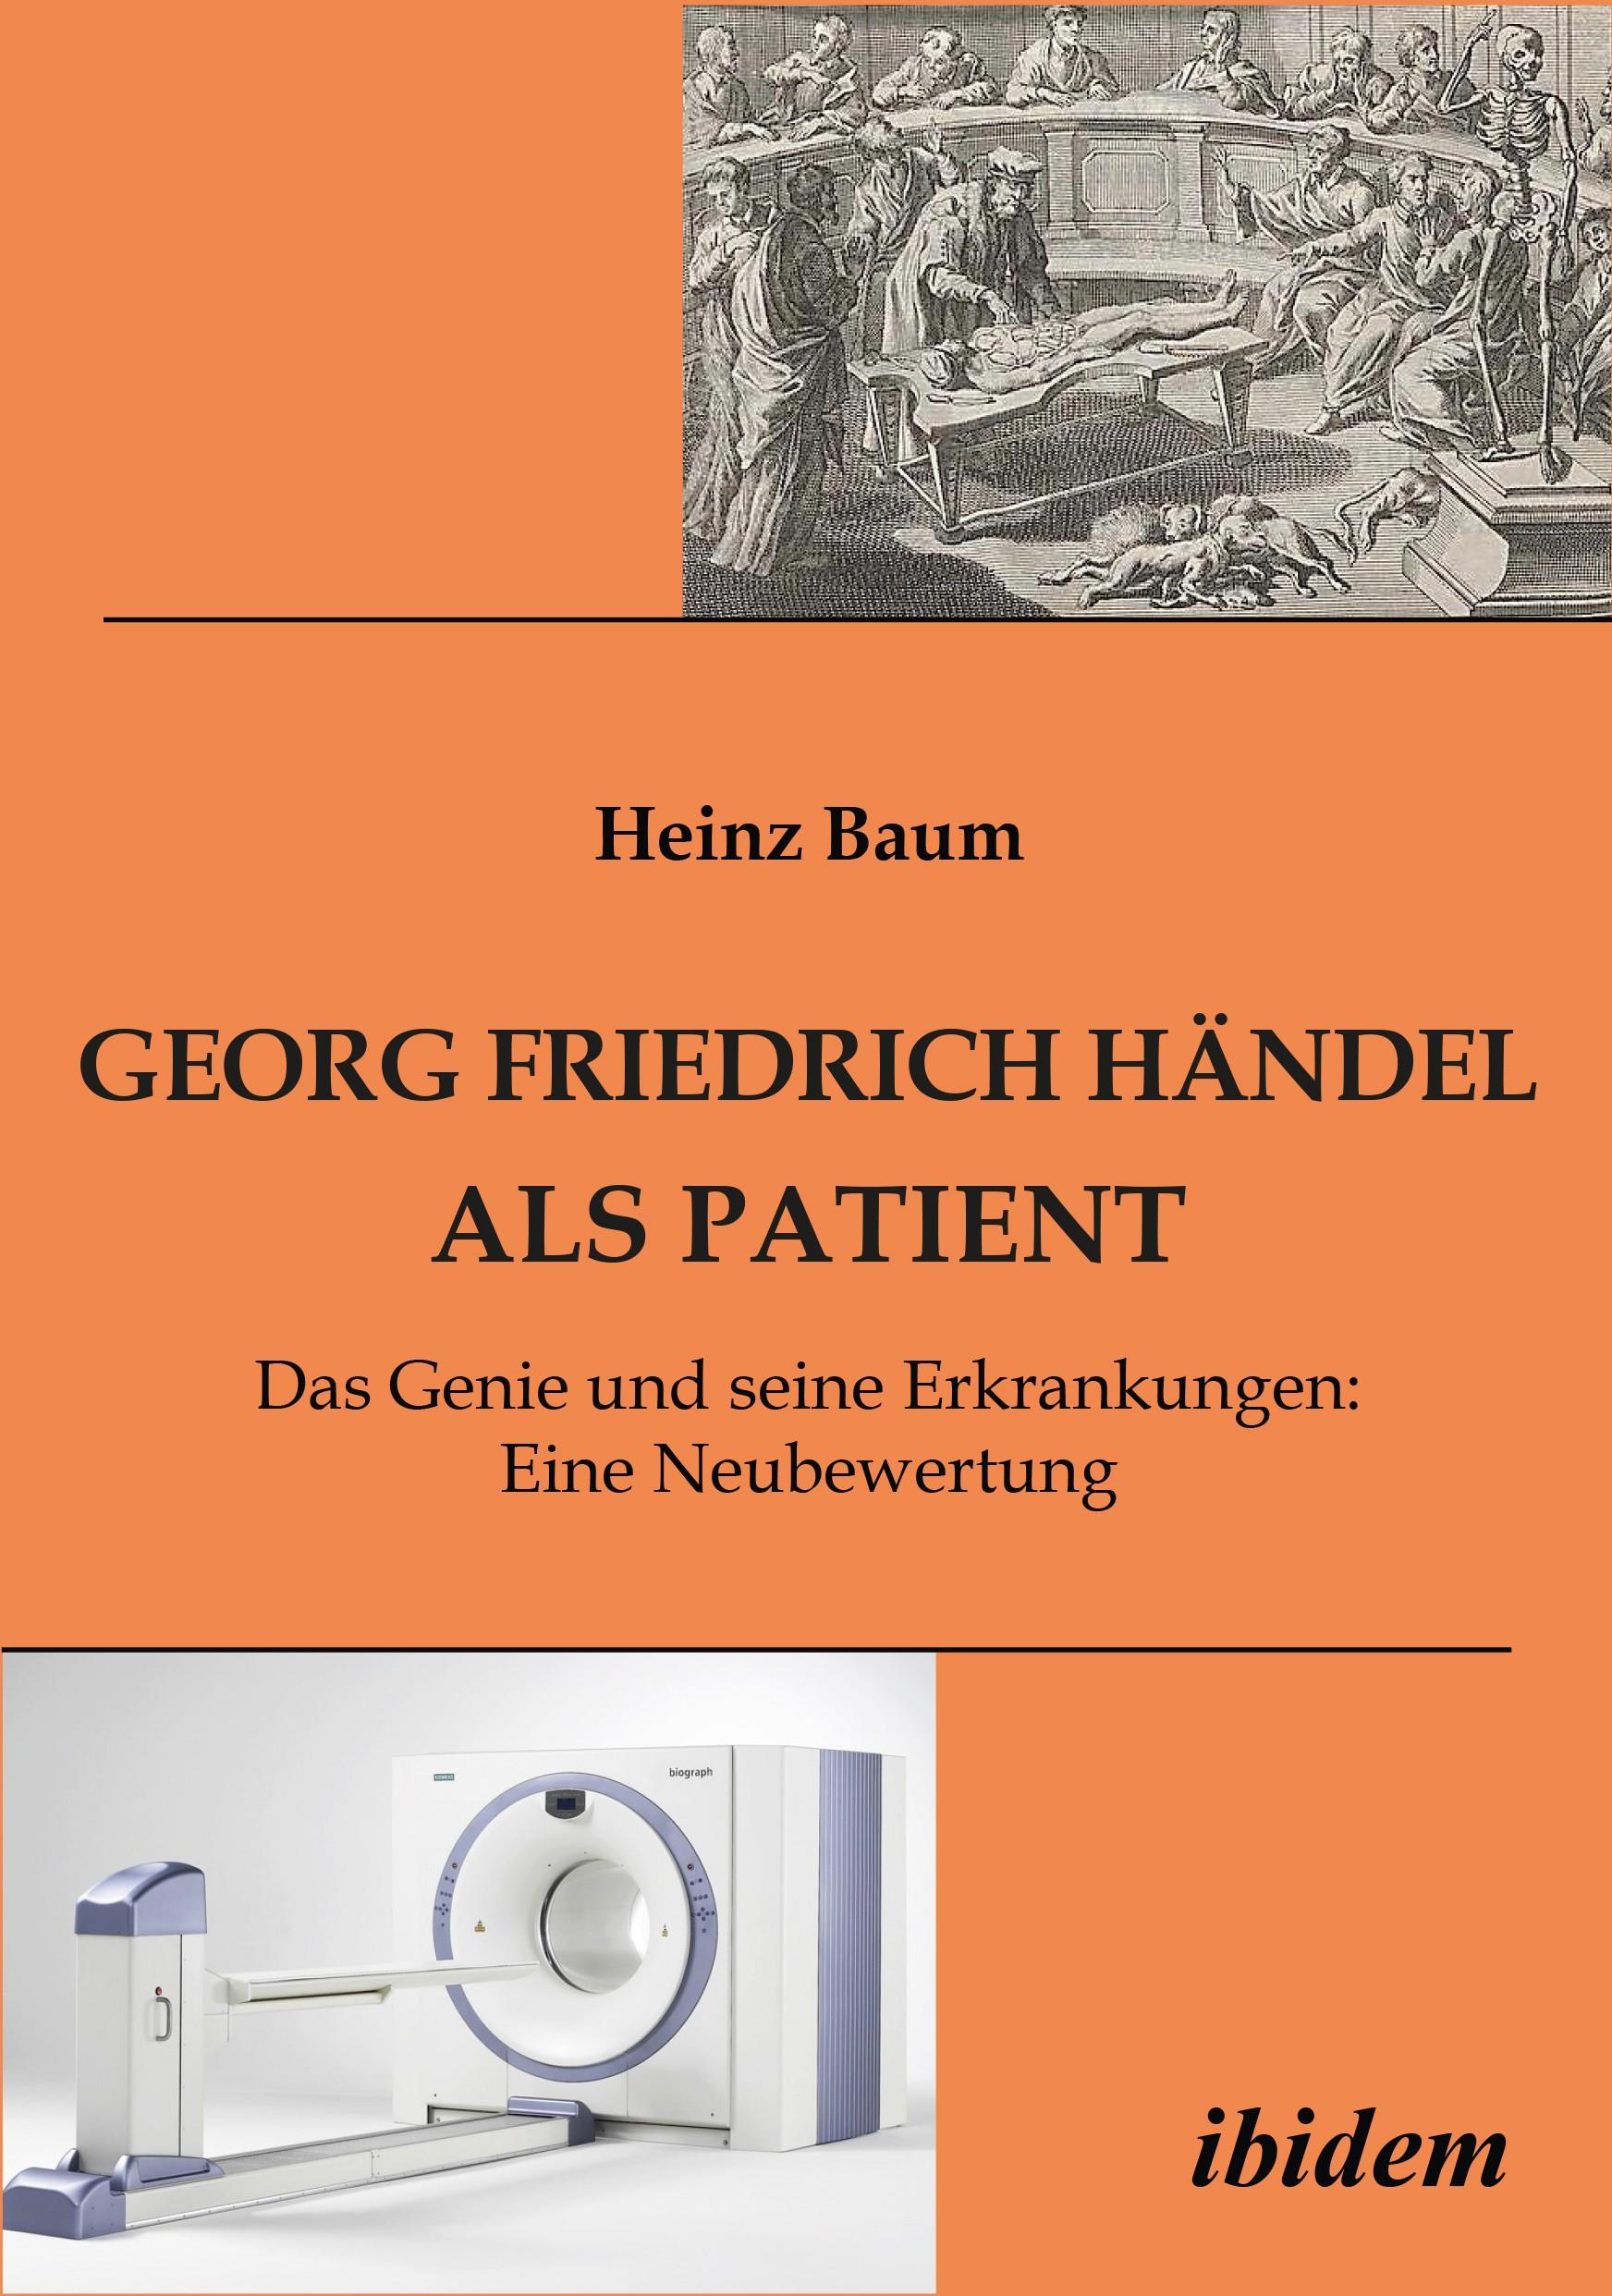 Georg Friedrich Händel als Patient